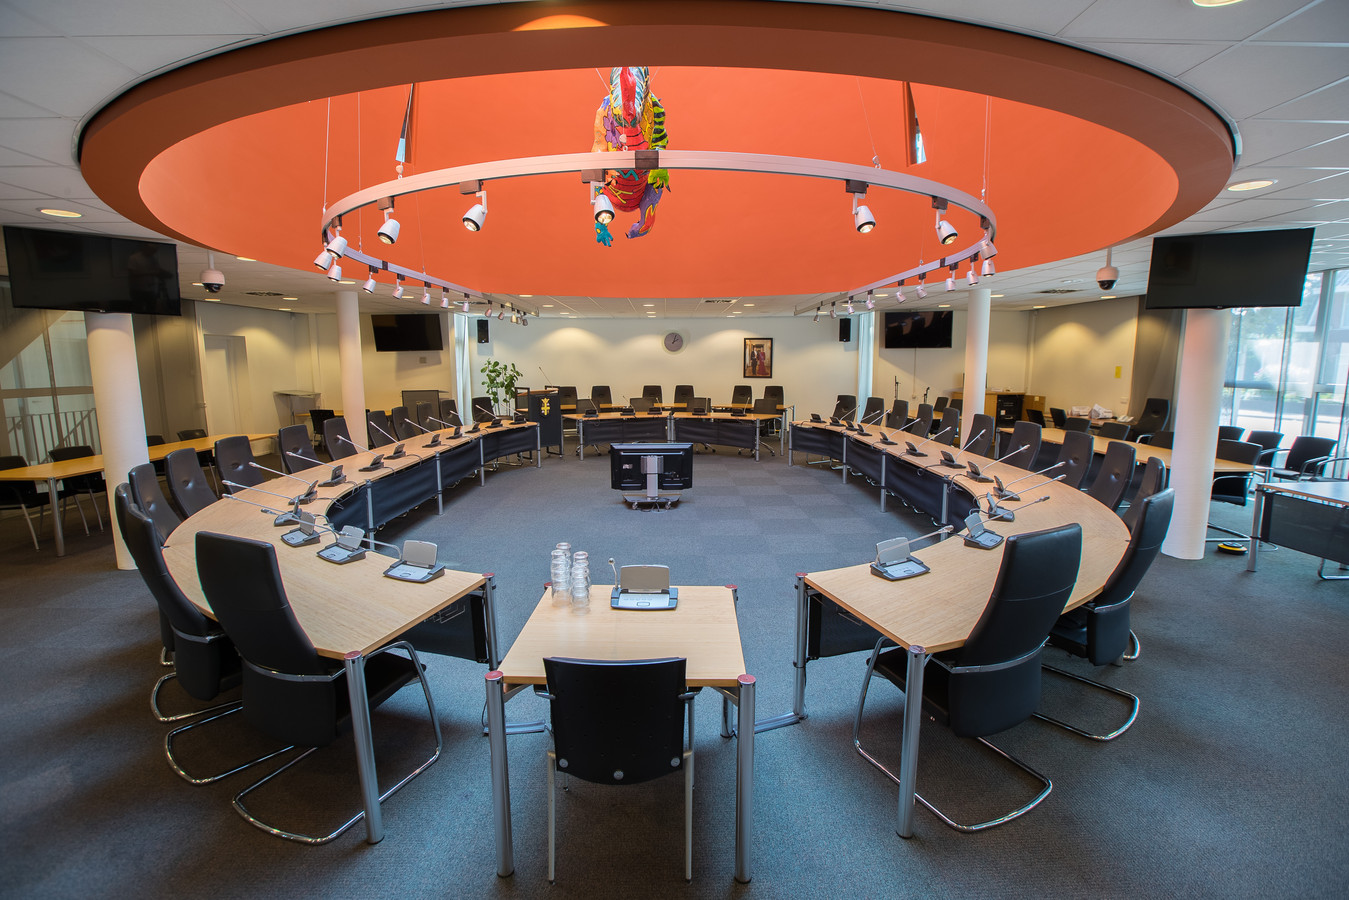 Het Rond de Tafelgesprek zal in een kleinere ruimte in het gemeentehuis dan de raadzaal plaatshebben.